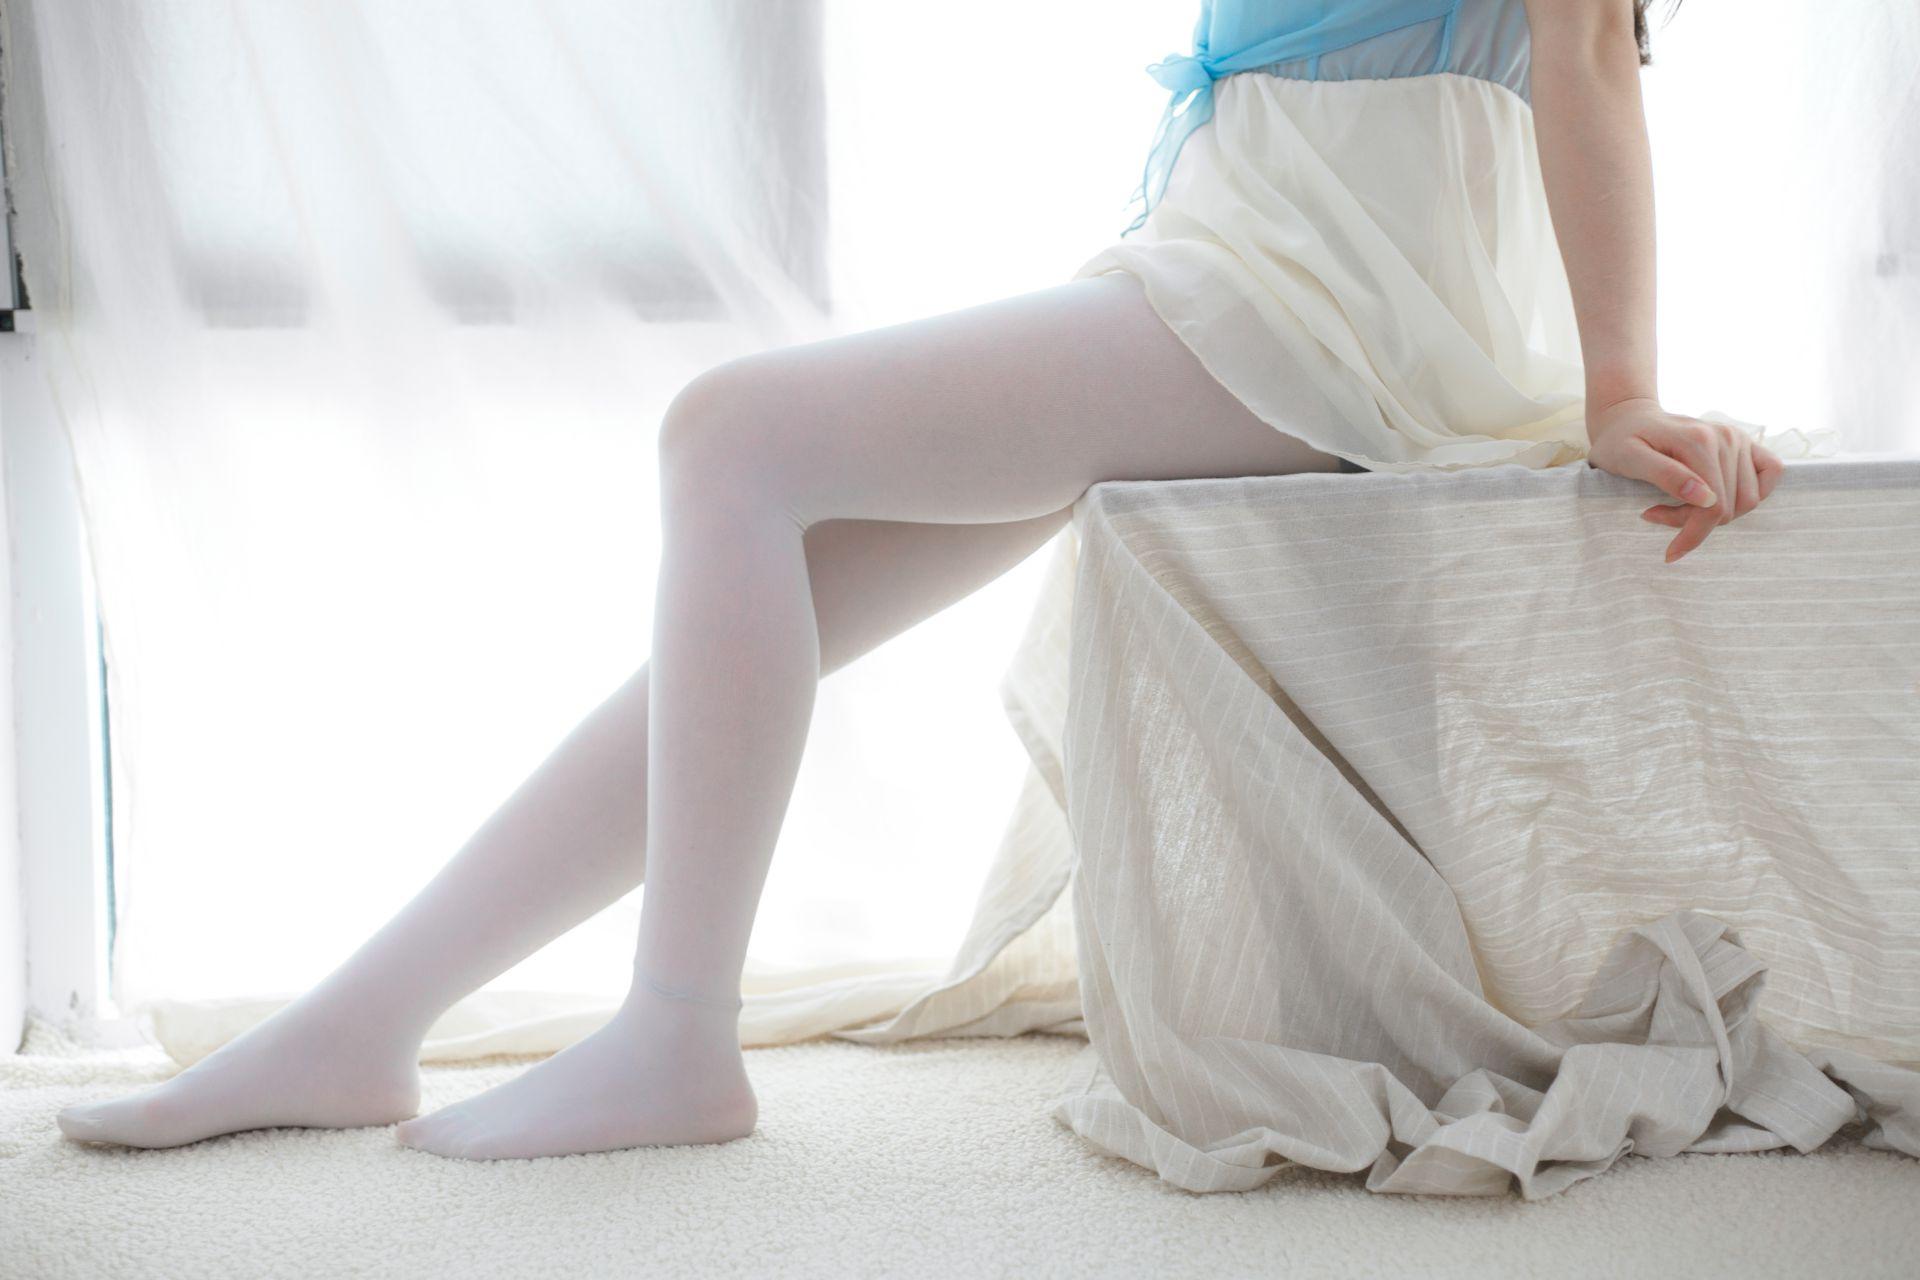 少女秩序 VOL.015 超薄丝袜的质感 兔玩映画 第8张